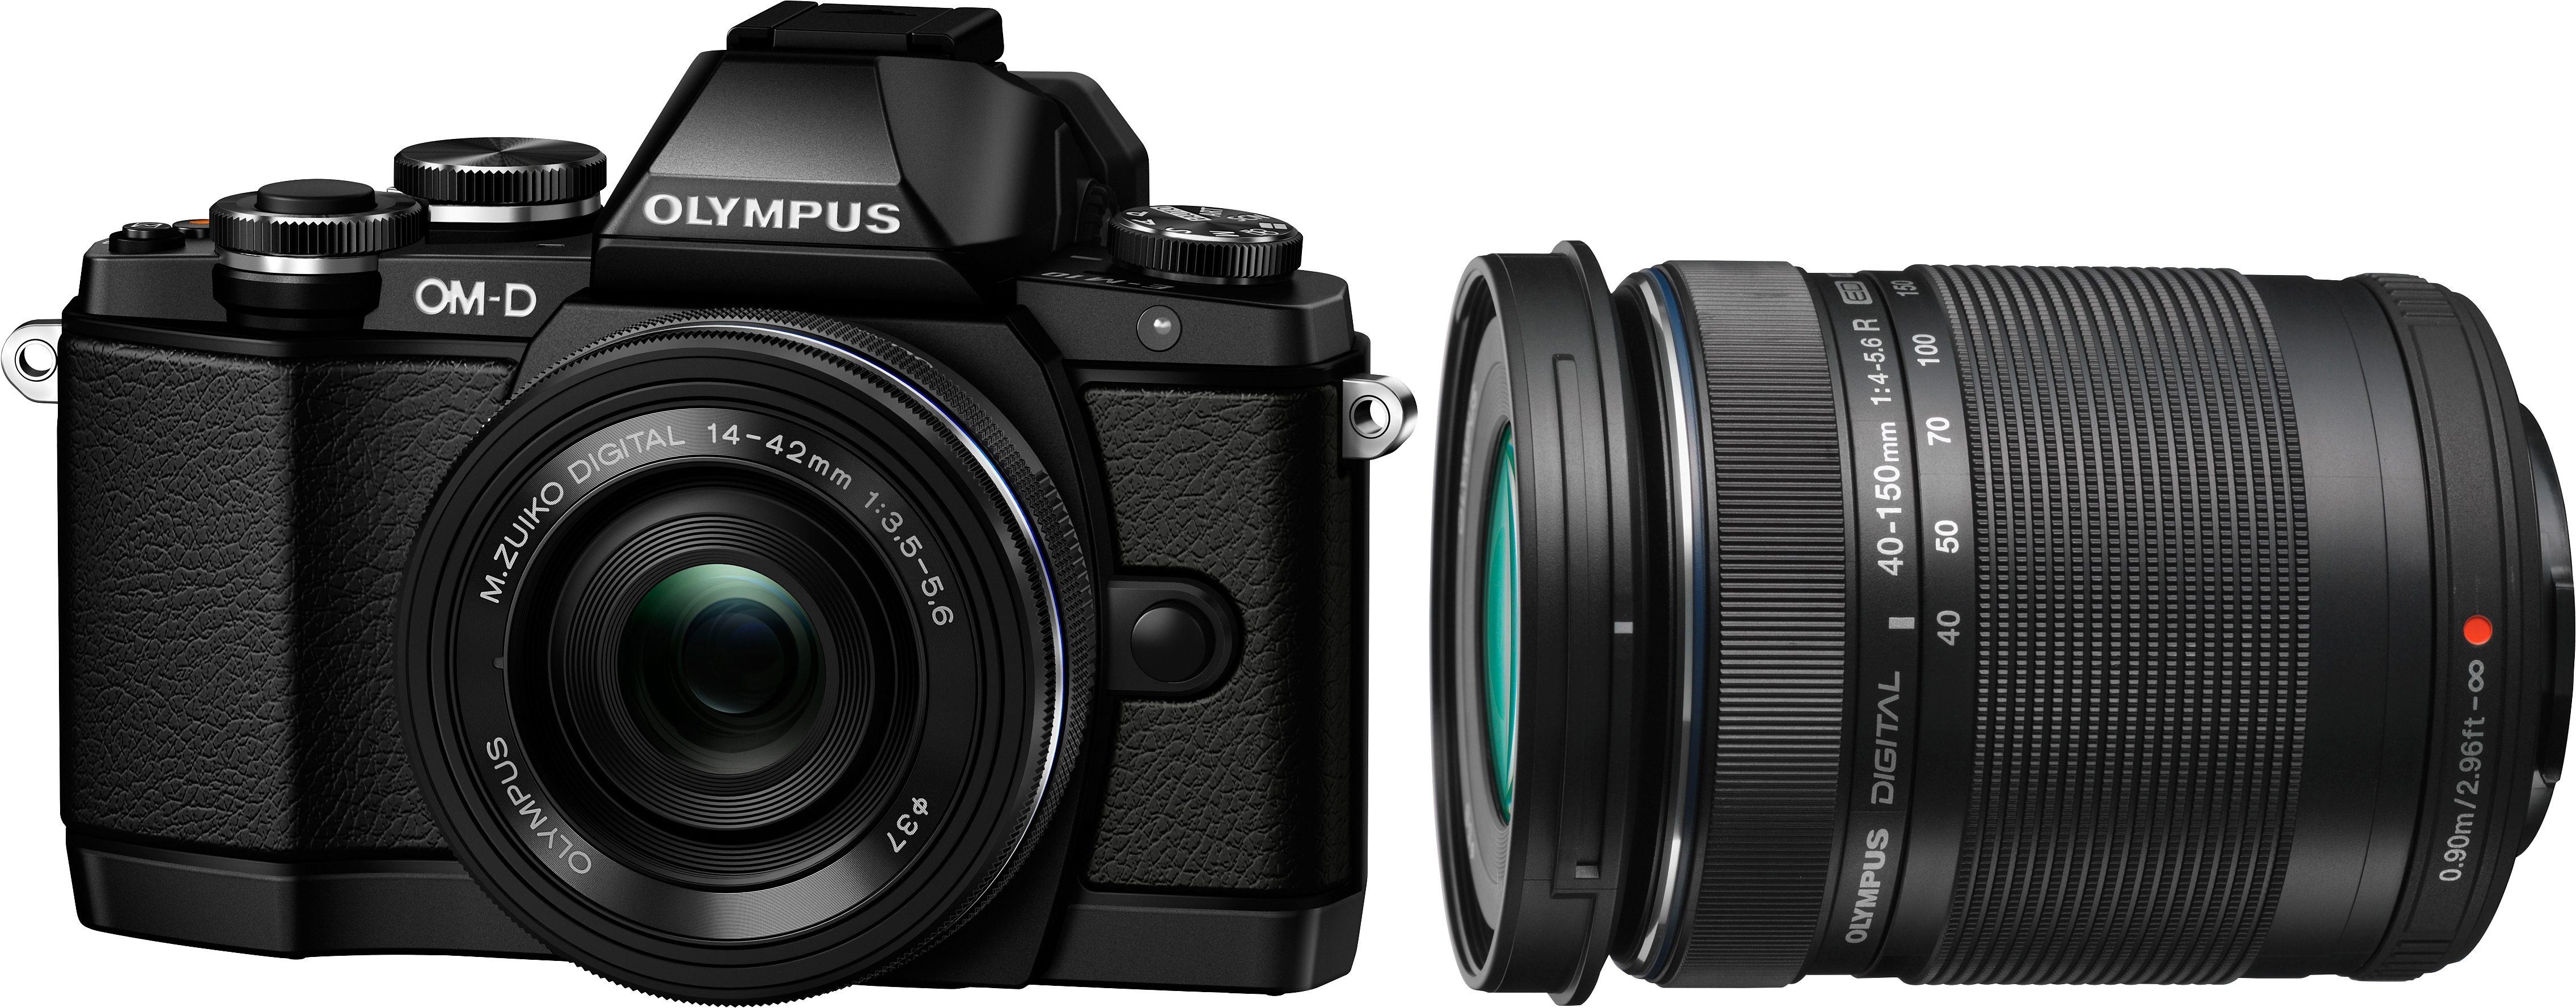 Olympus E-M10 OM-D Set System Kamera, inkl. 2 M.ZUIKO Objektive (ED 14-42mm EZ & 40-150mm), 16,1 MP